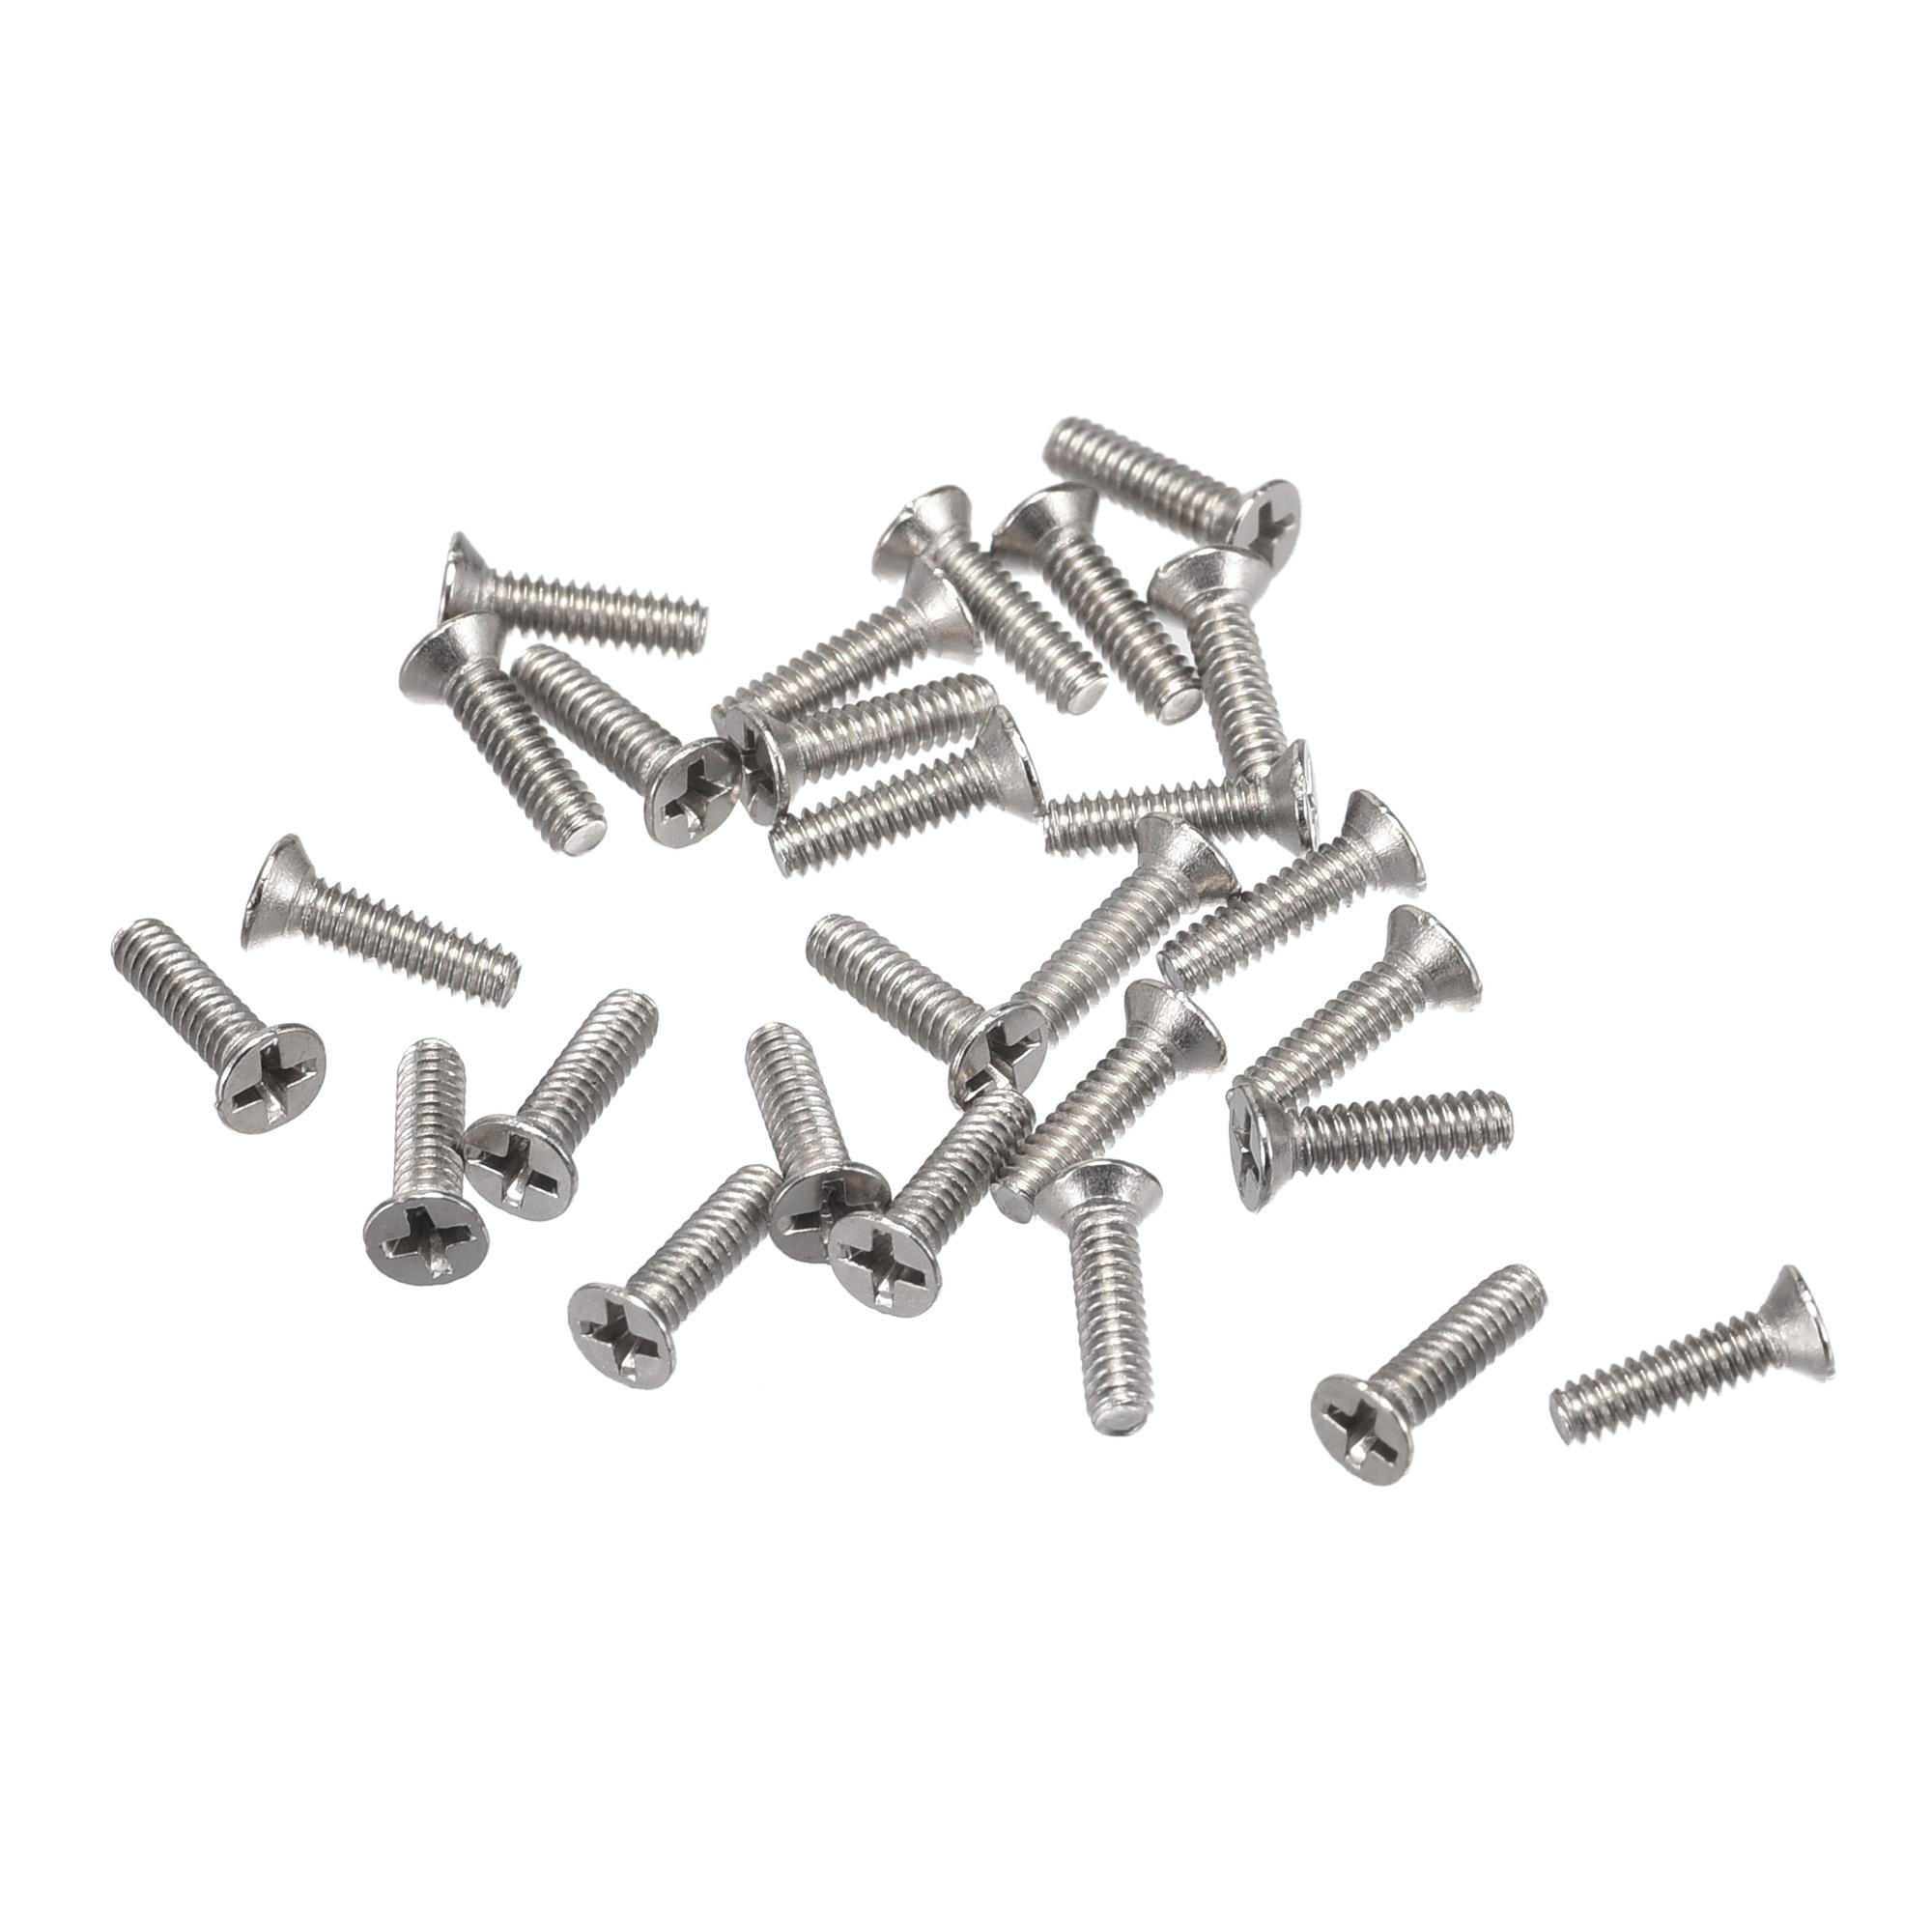 M1.6 x 6mm Tiny Screws Phillips Flat Head Screws Machine Screws 150pcs